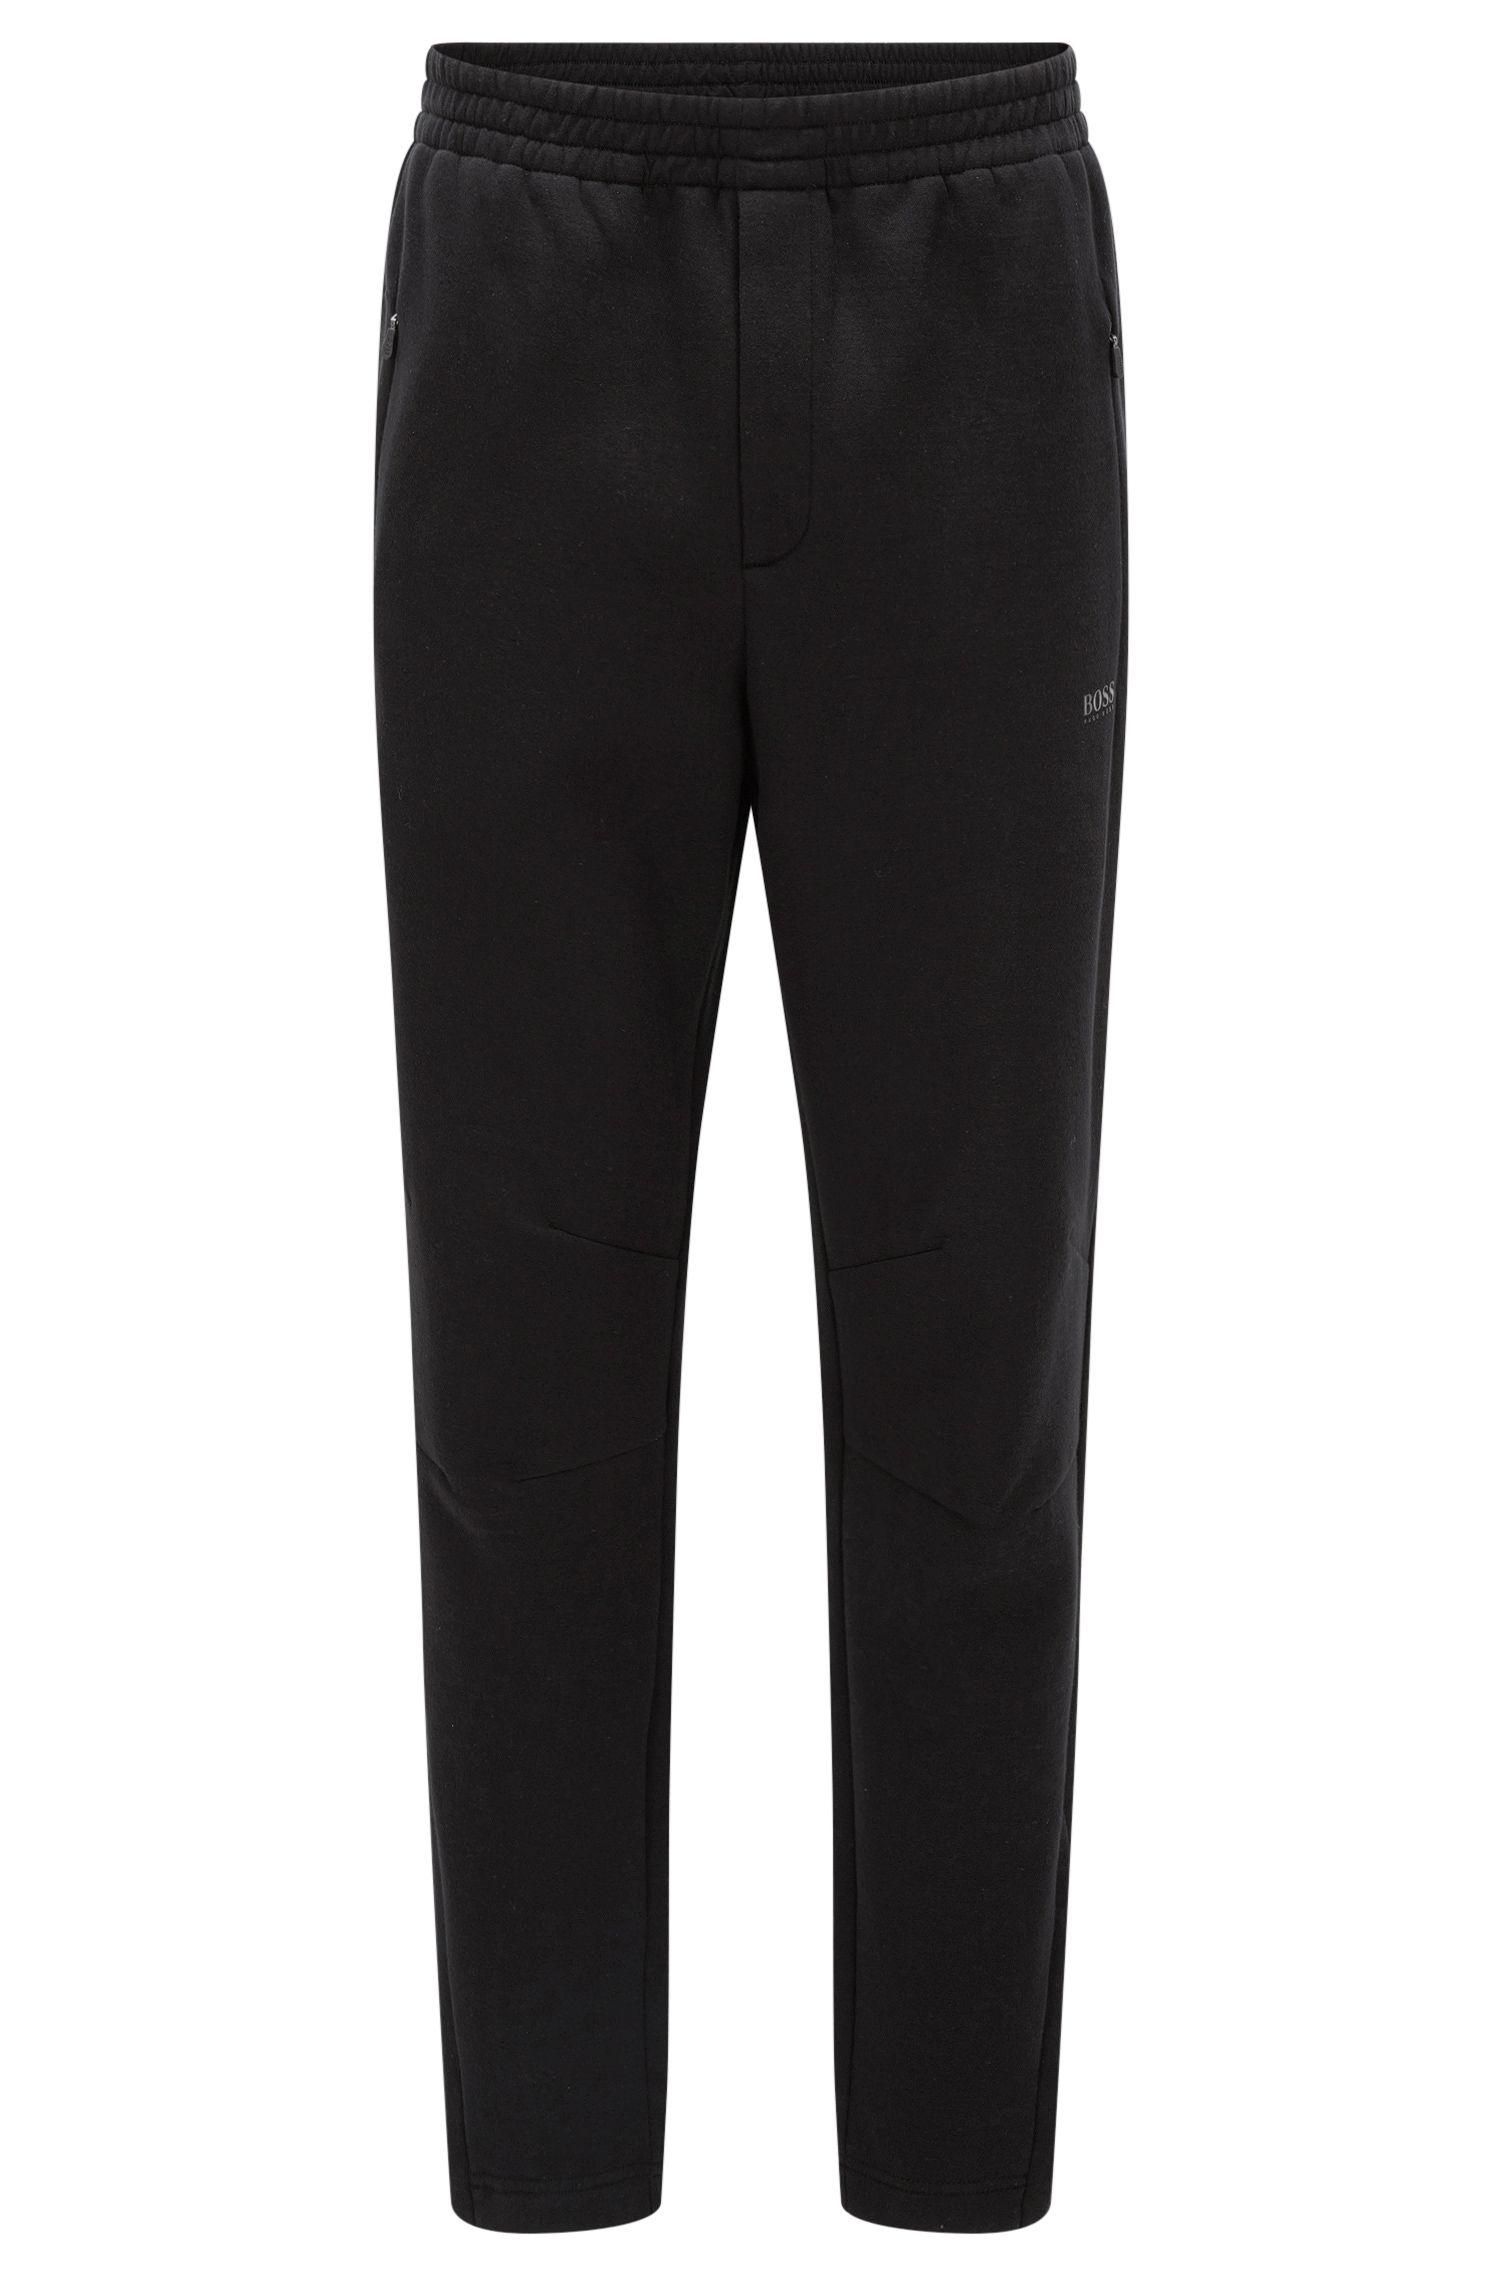 'Hweek' | Stretch Cotton Pants